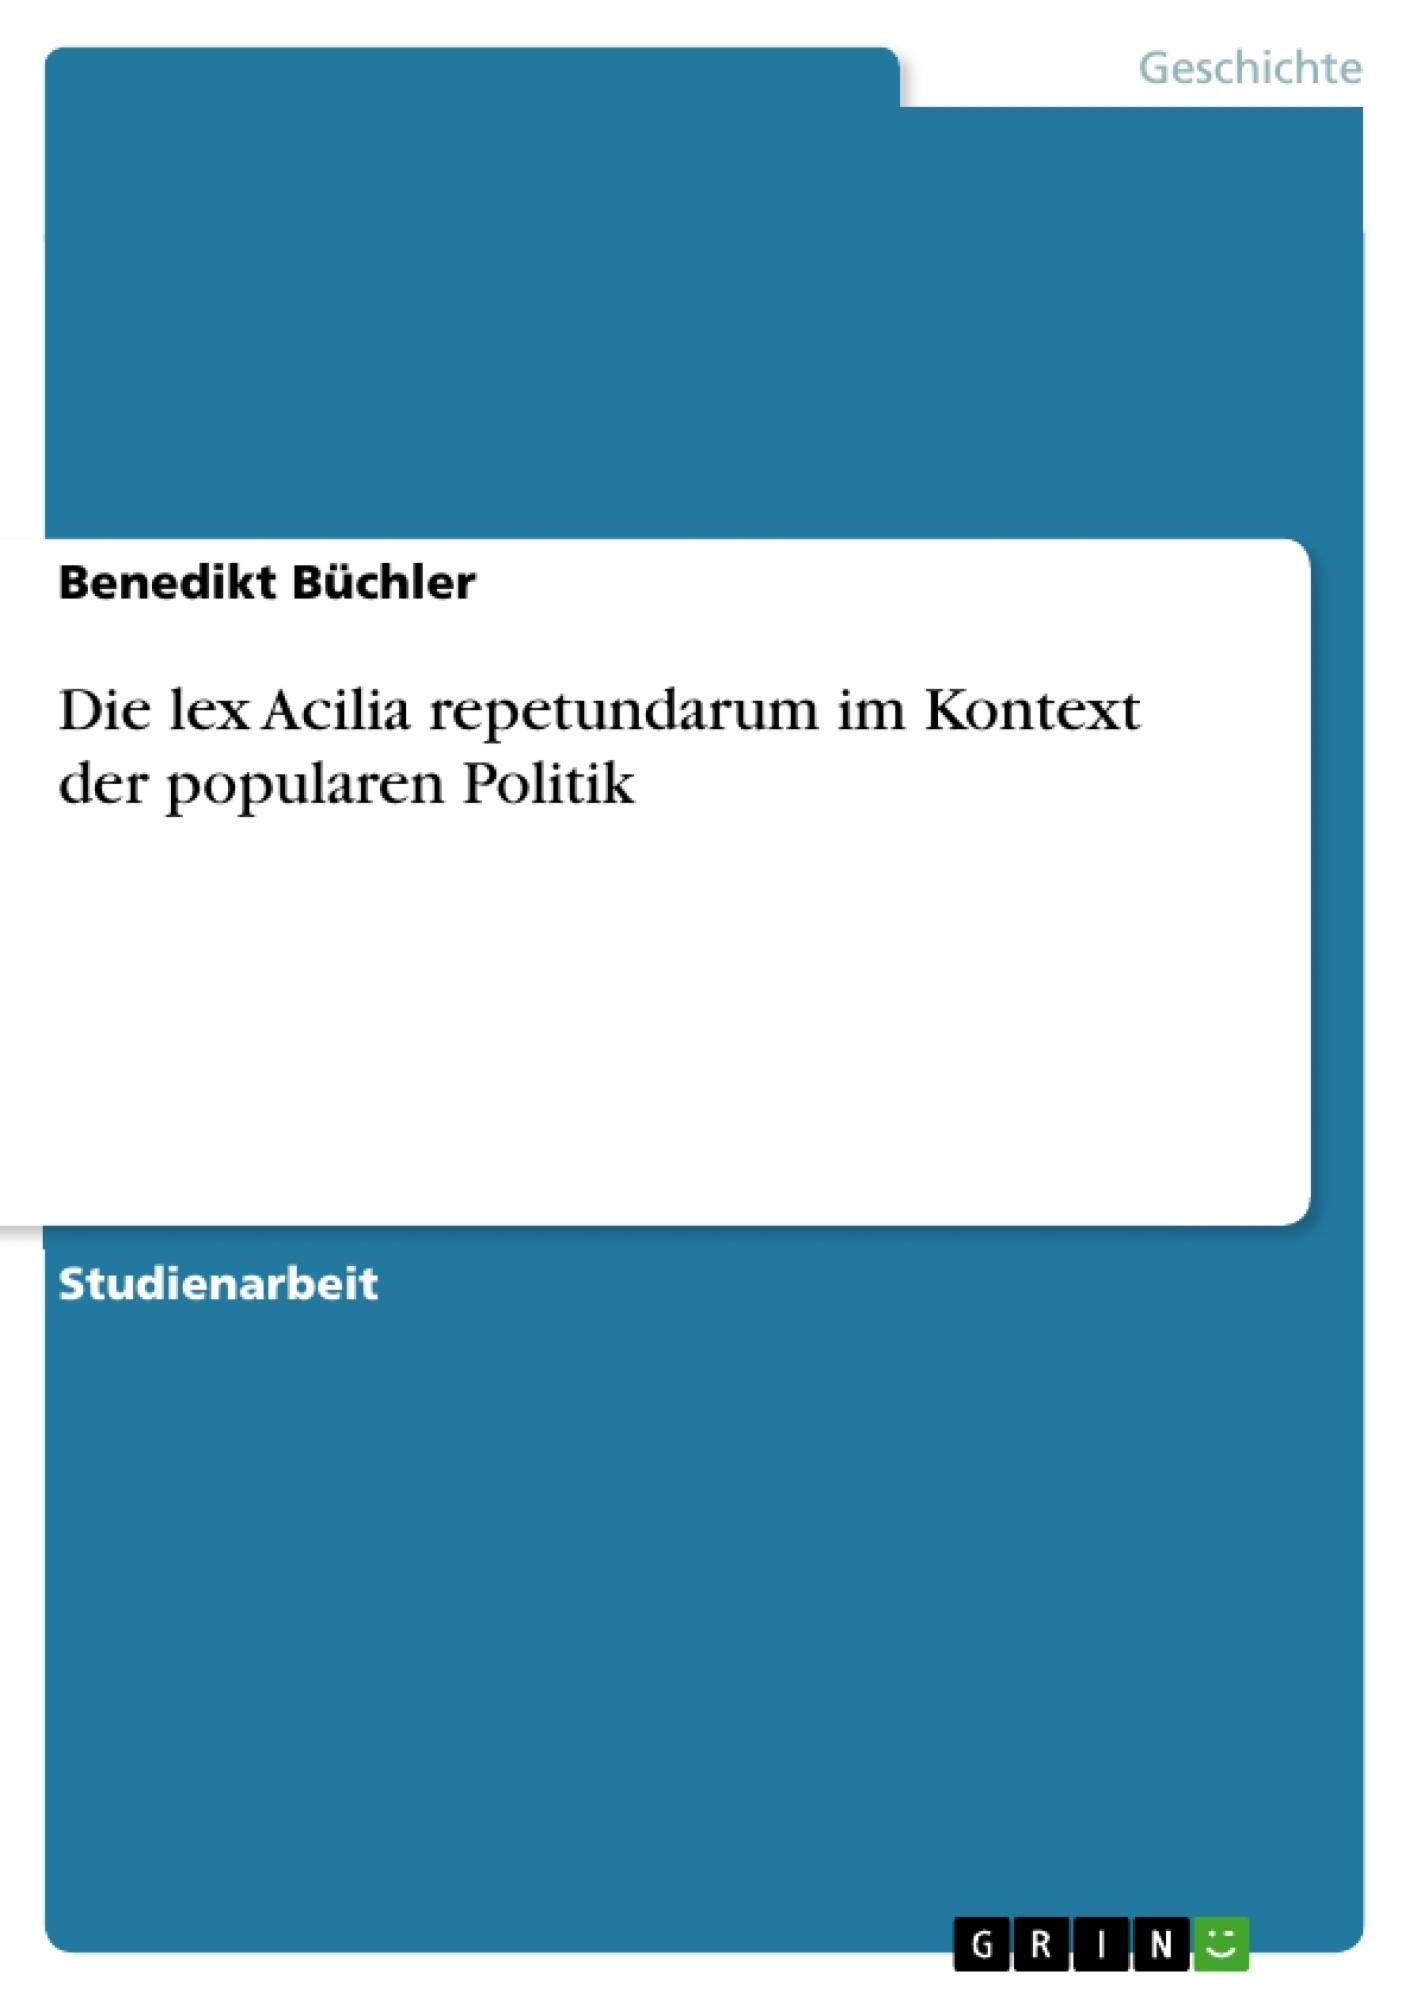 Titel: Die lex Acilia repetundarum im Kontext der popularen Politik